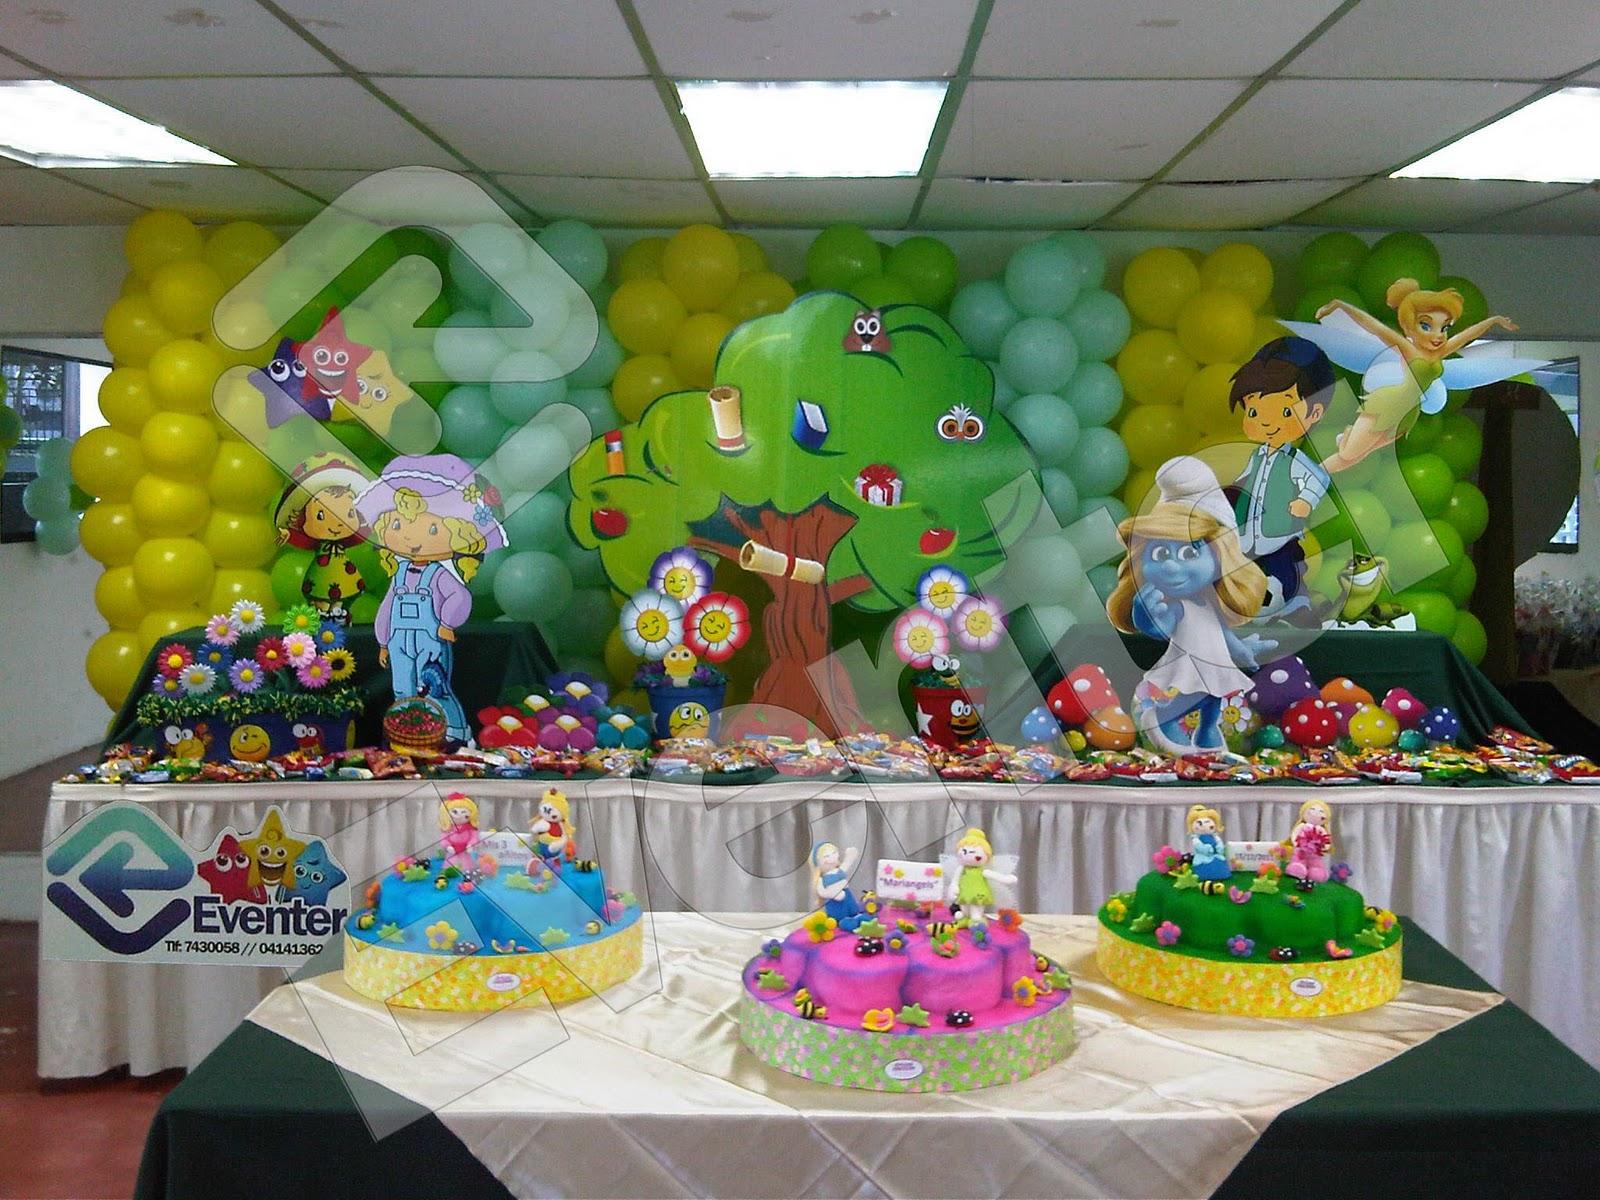 Pin centro mesas infantiles todo para sus fiestas bsf for Todo decoracion